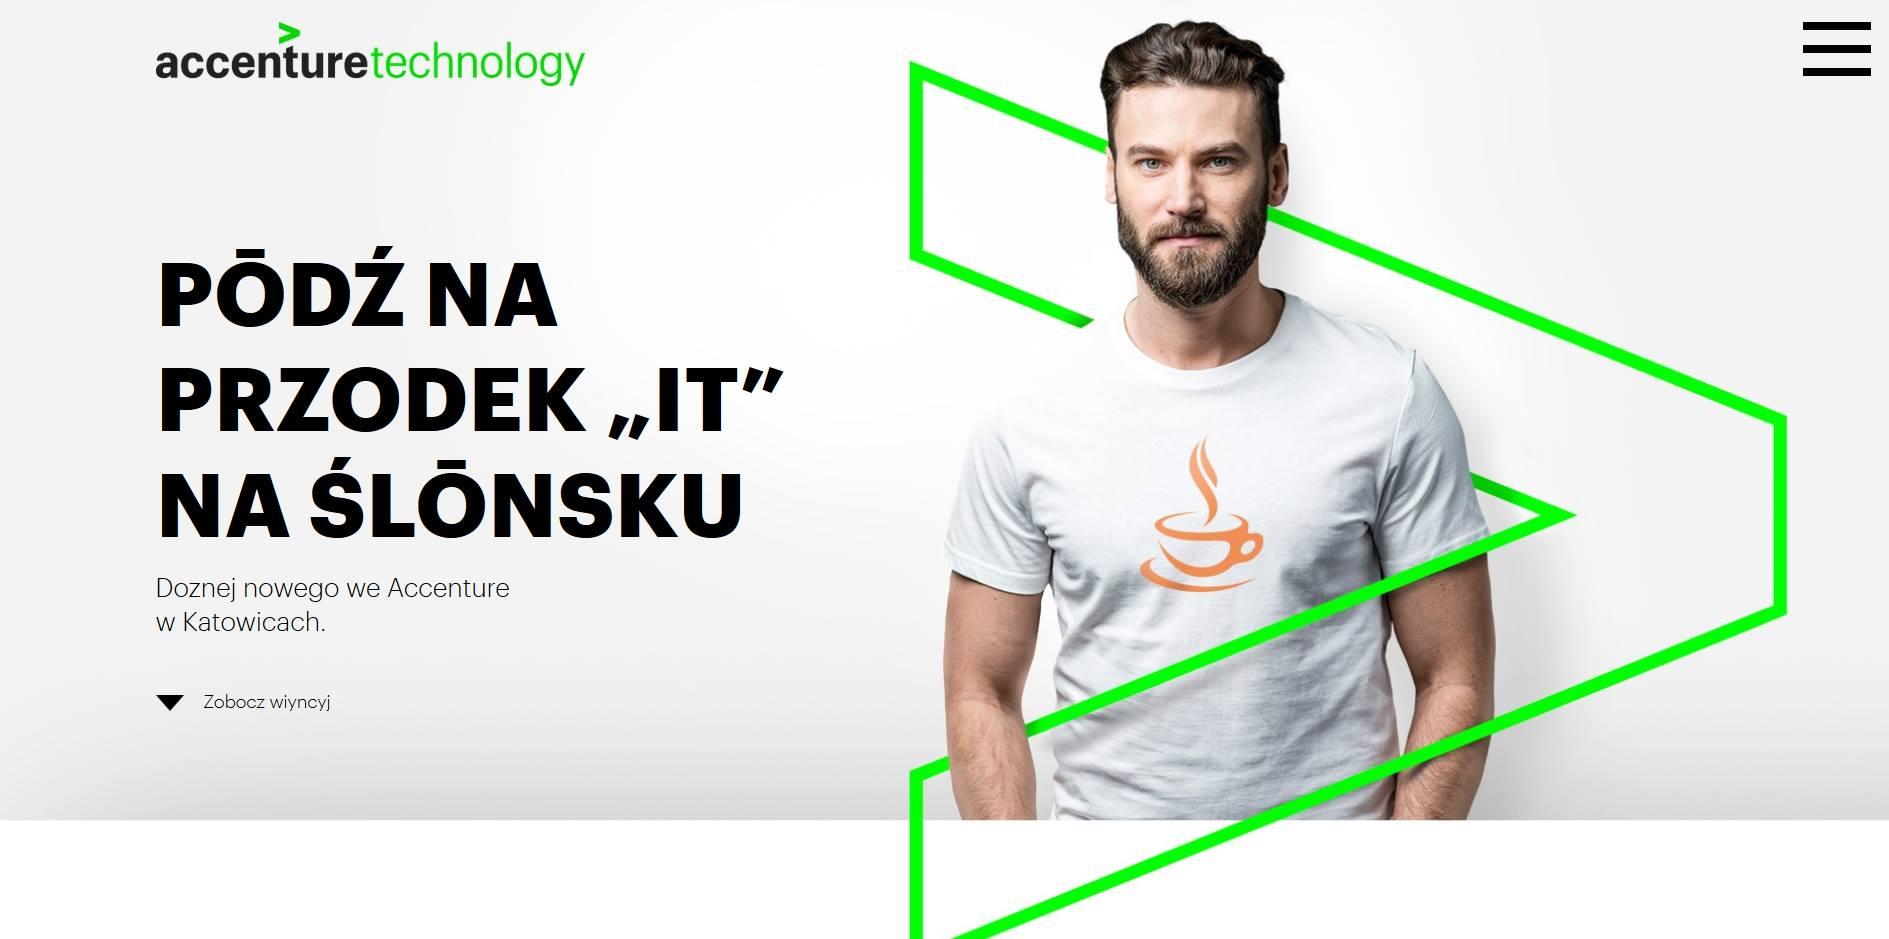 Accenture po śląsku